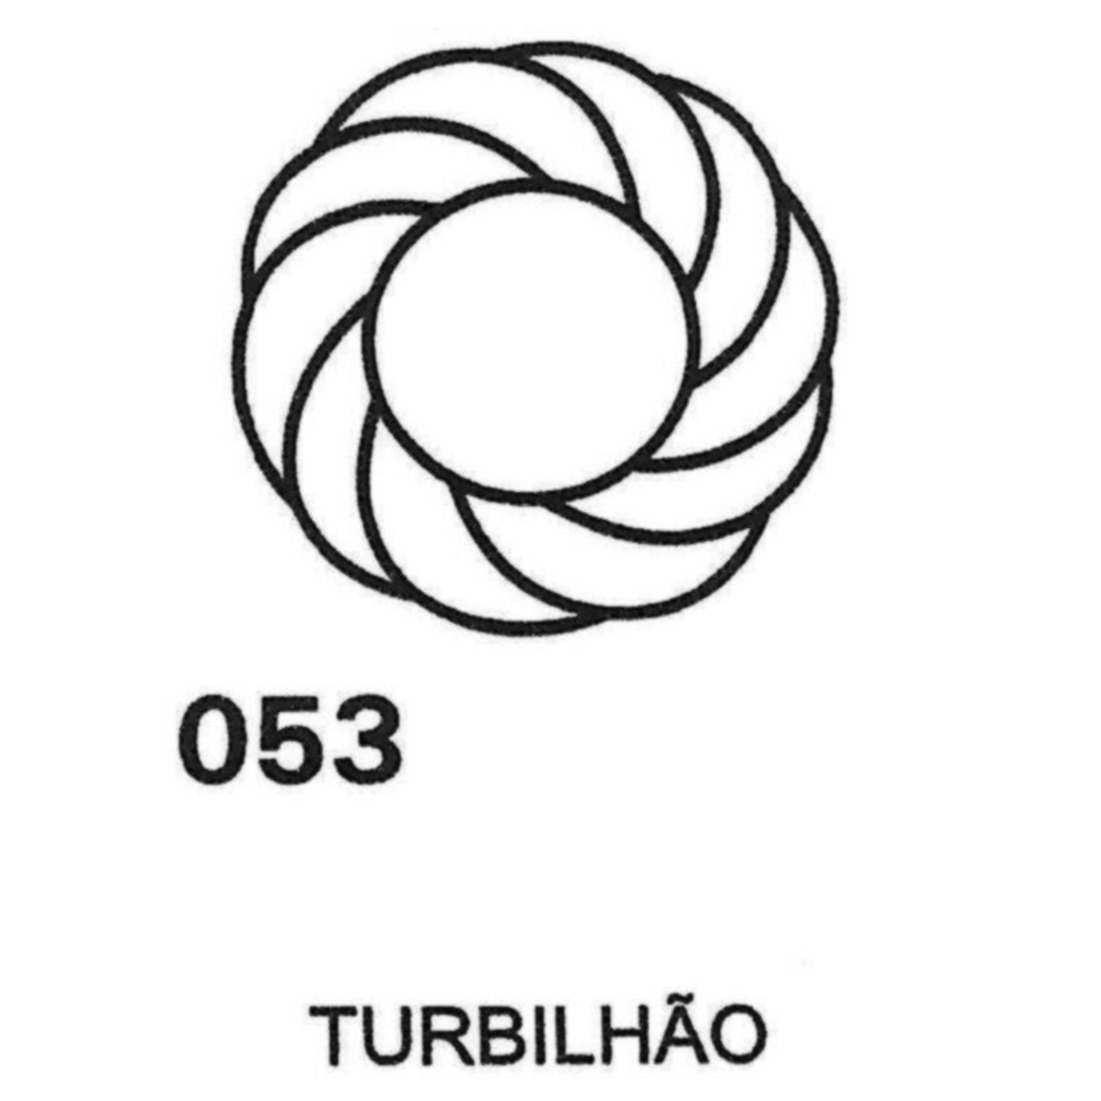 Gráfico Turbilhão PVC 2200